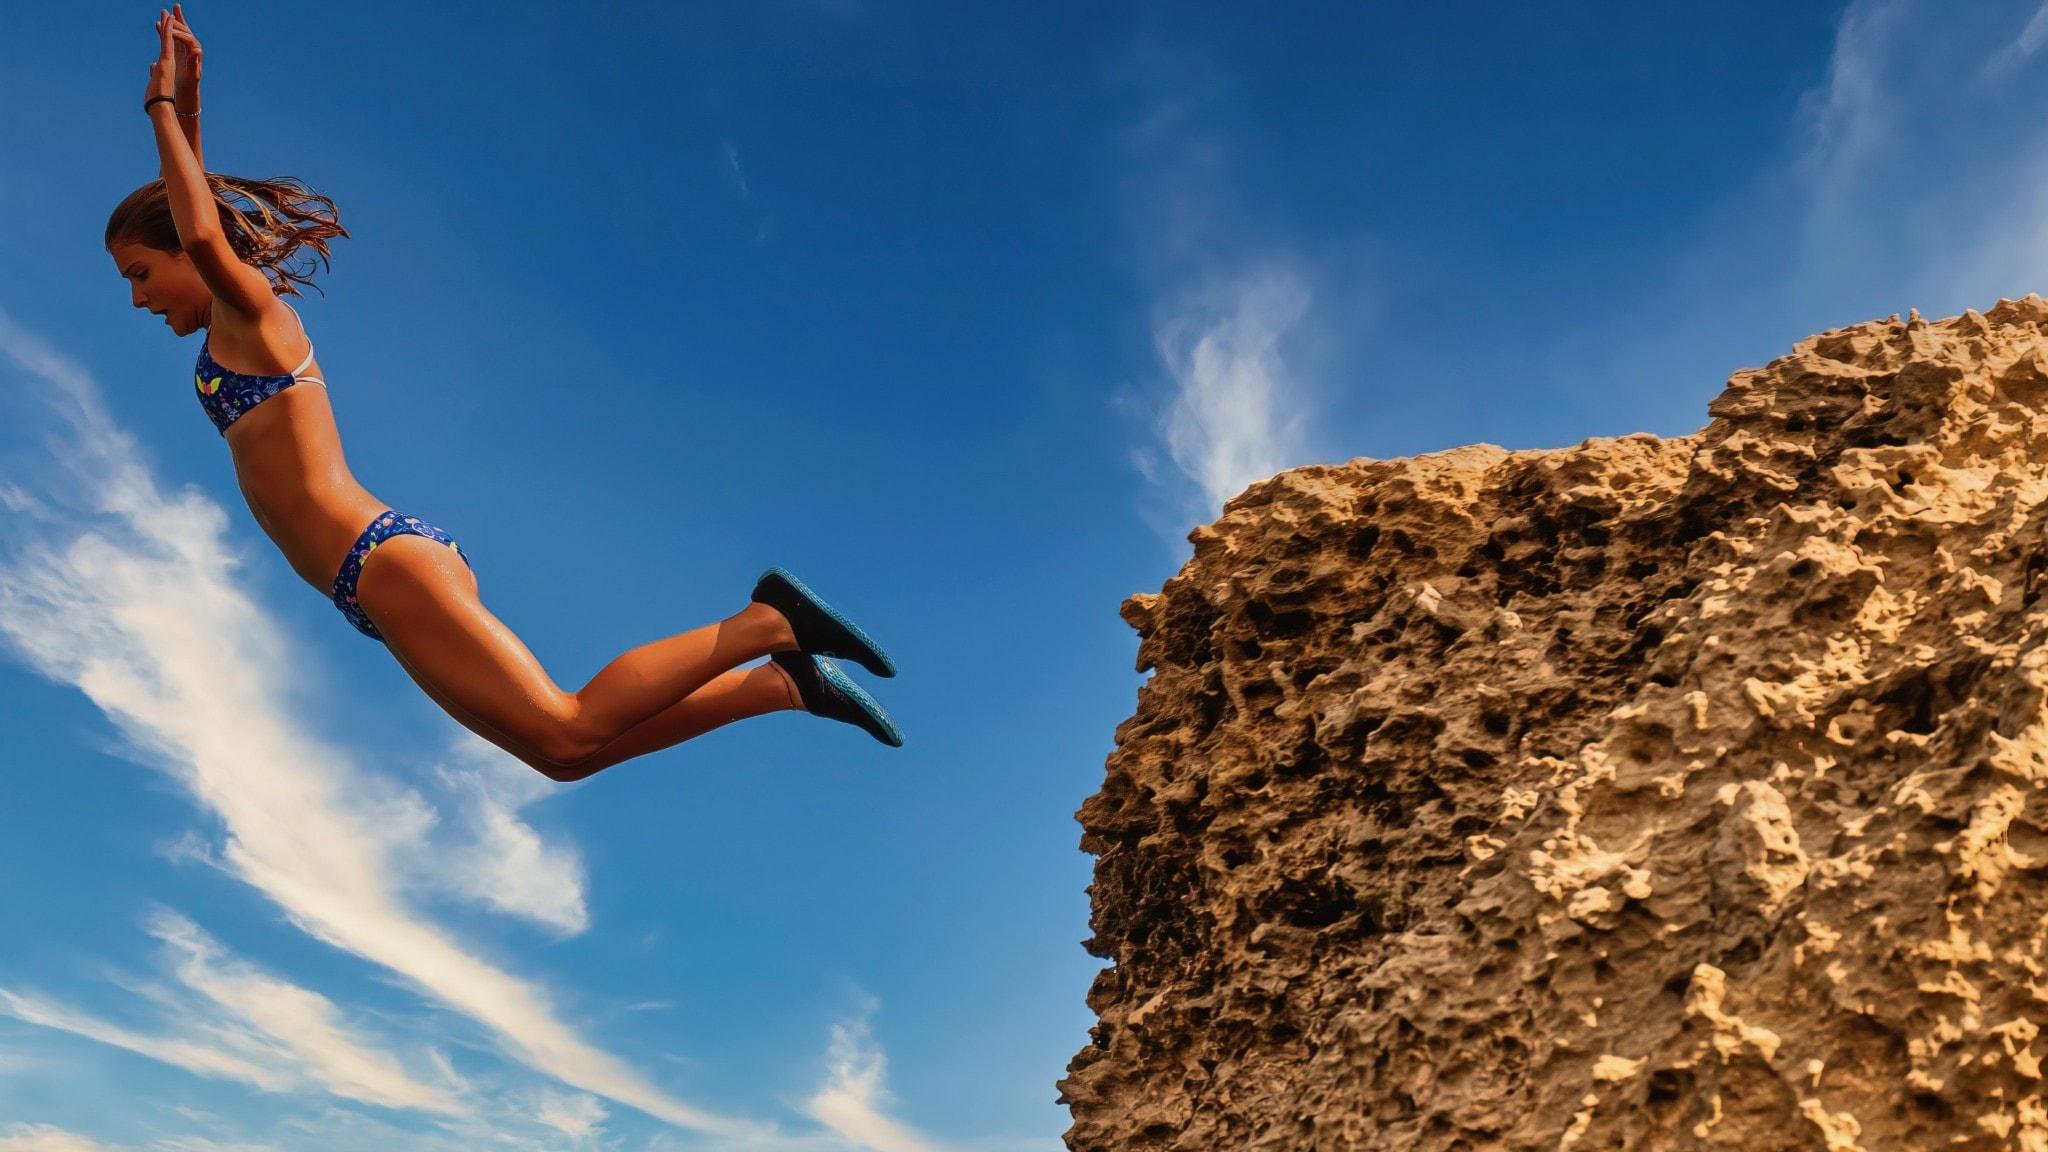 Flicka i baddräkt hoppar från klippa.